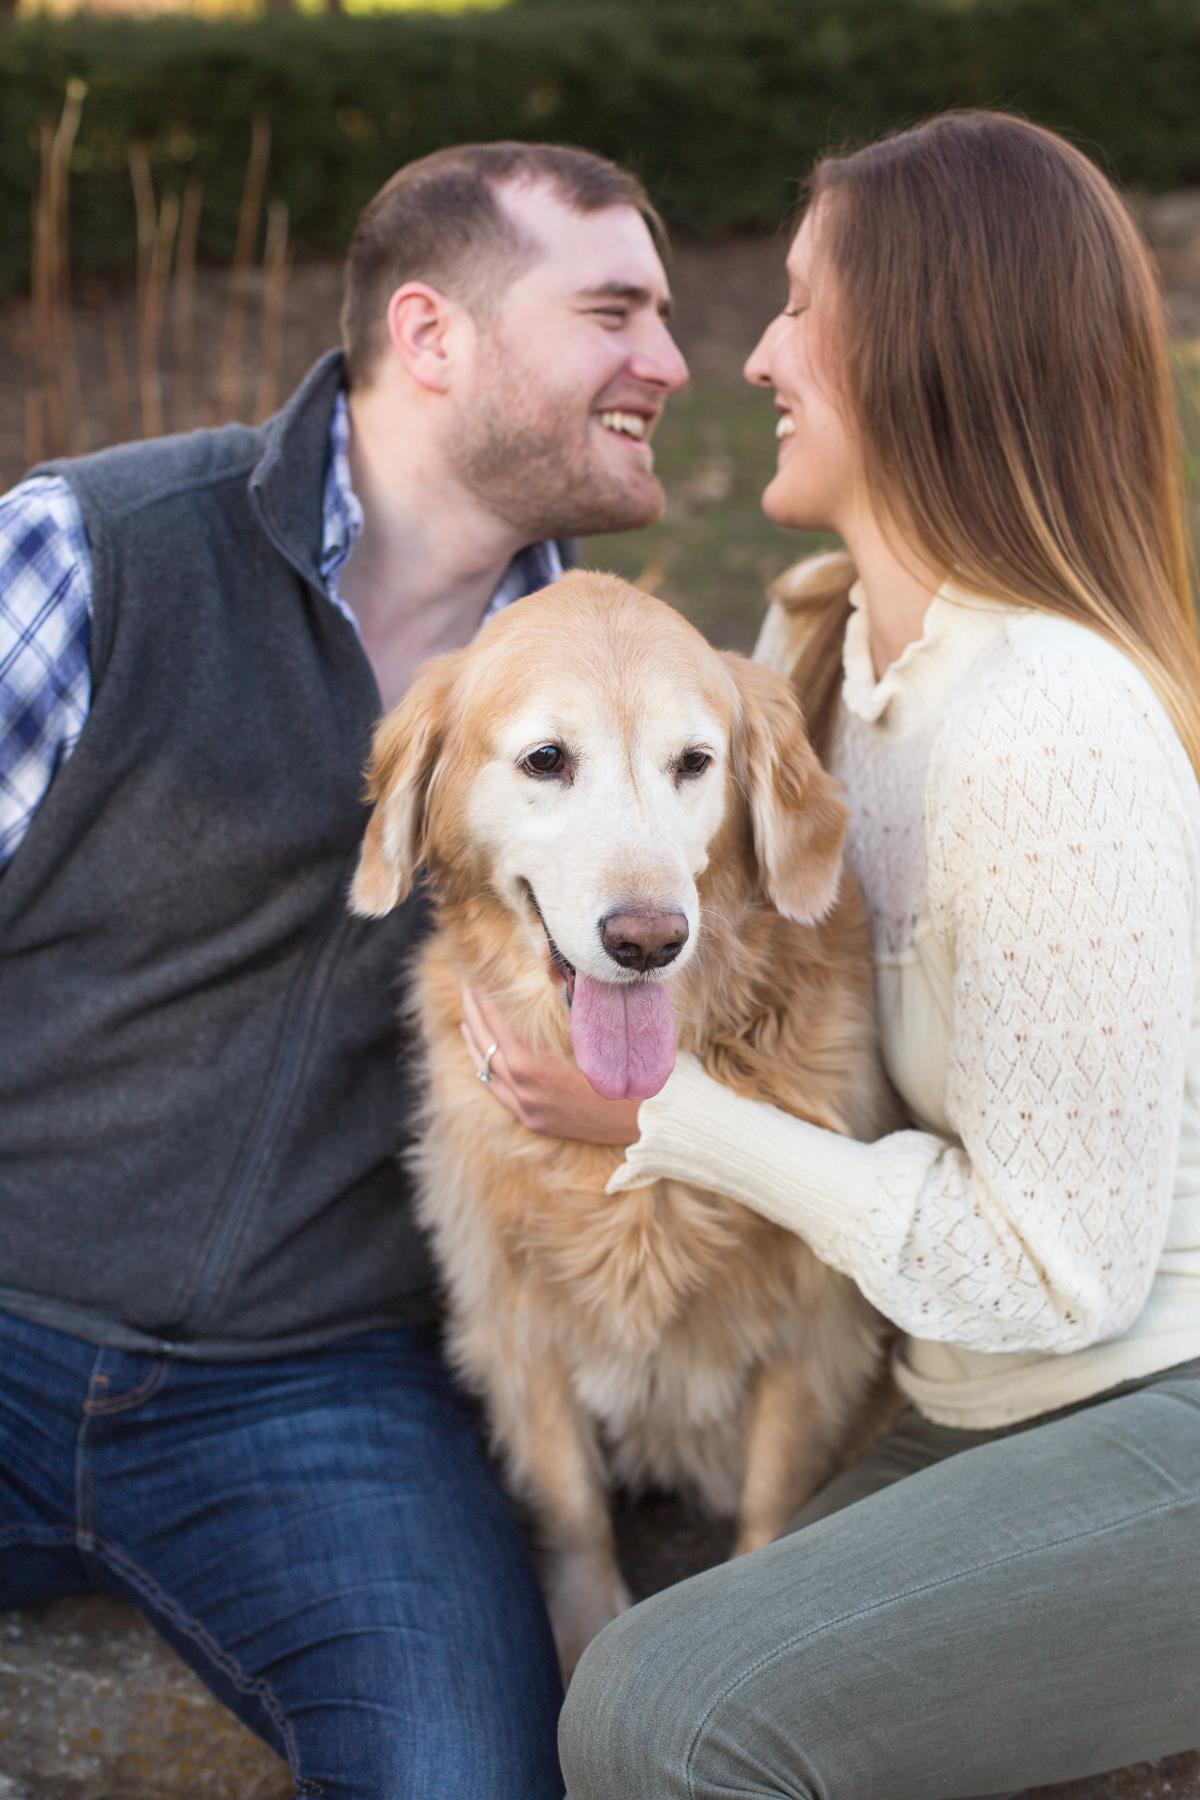 Lauren-and-Grant-Engagement-Centennial-Park-Nashville-Sneak-Peak-0004.jpg